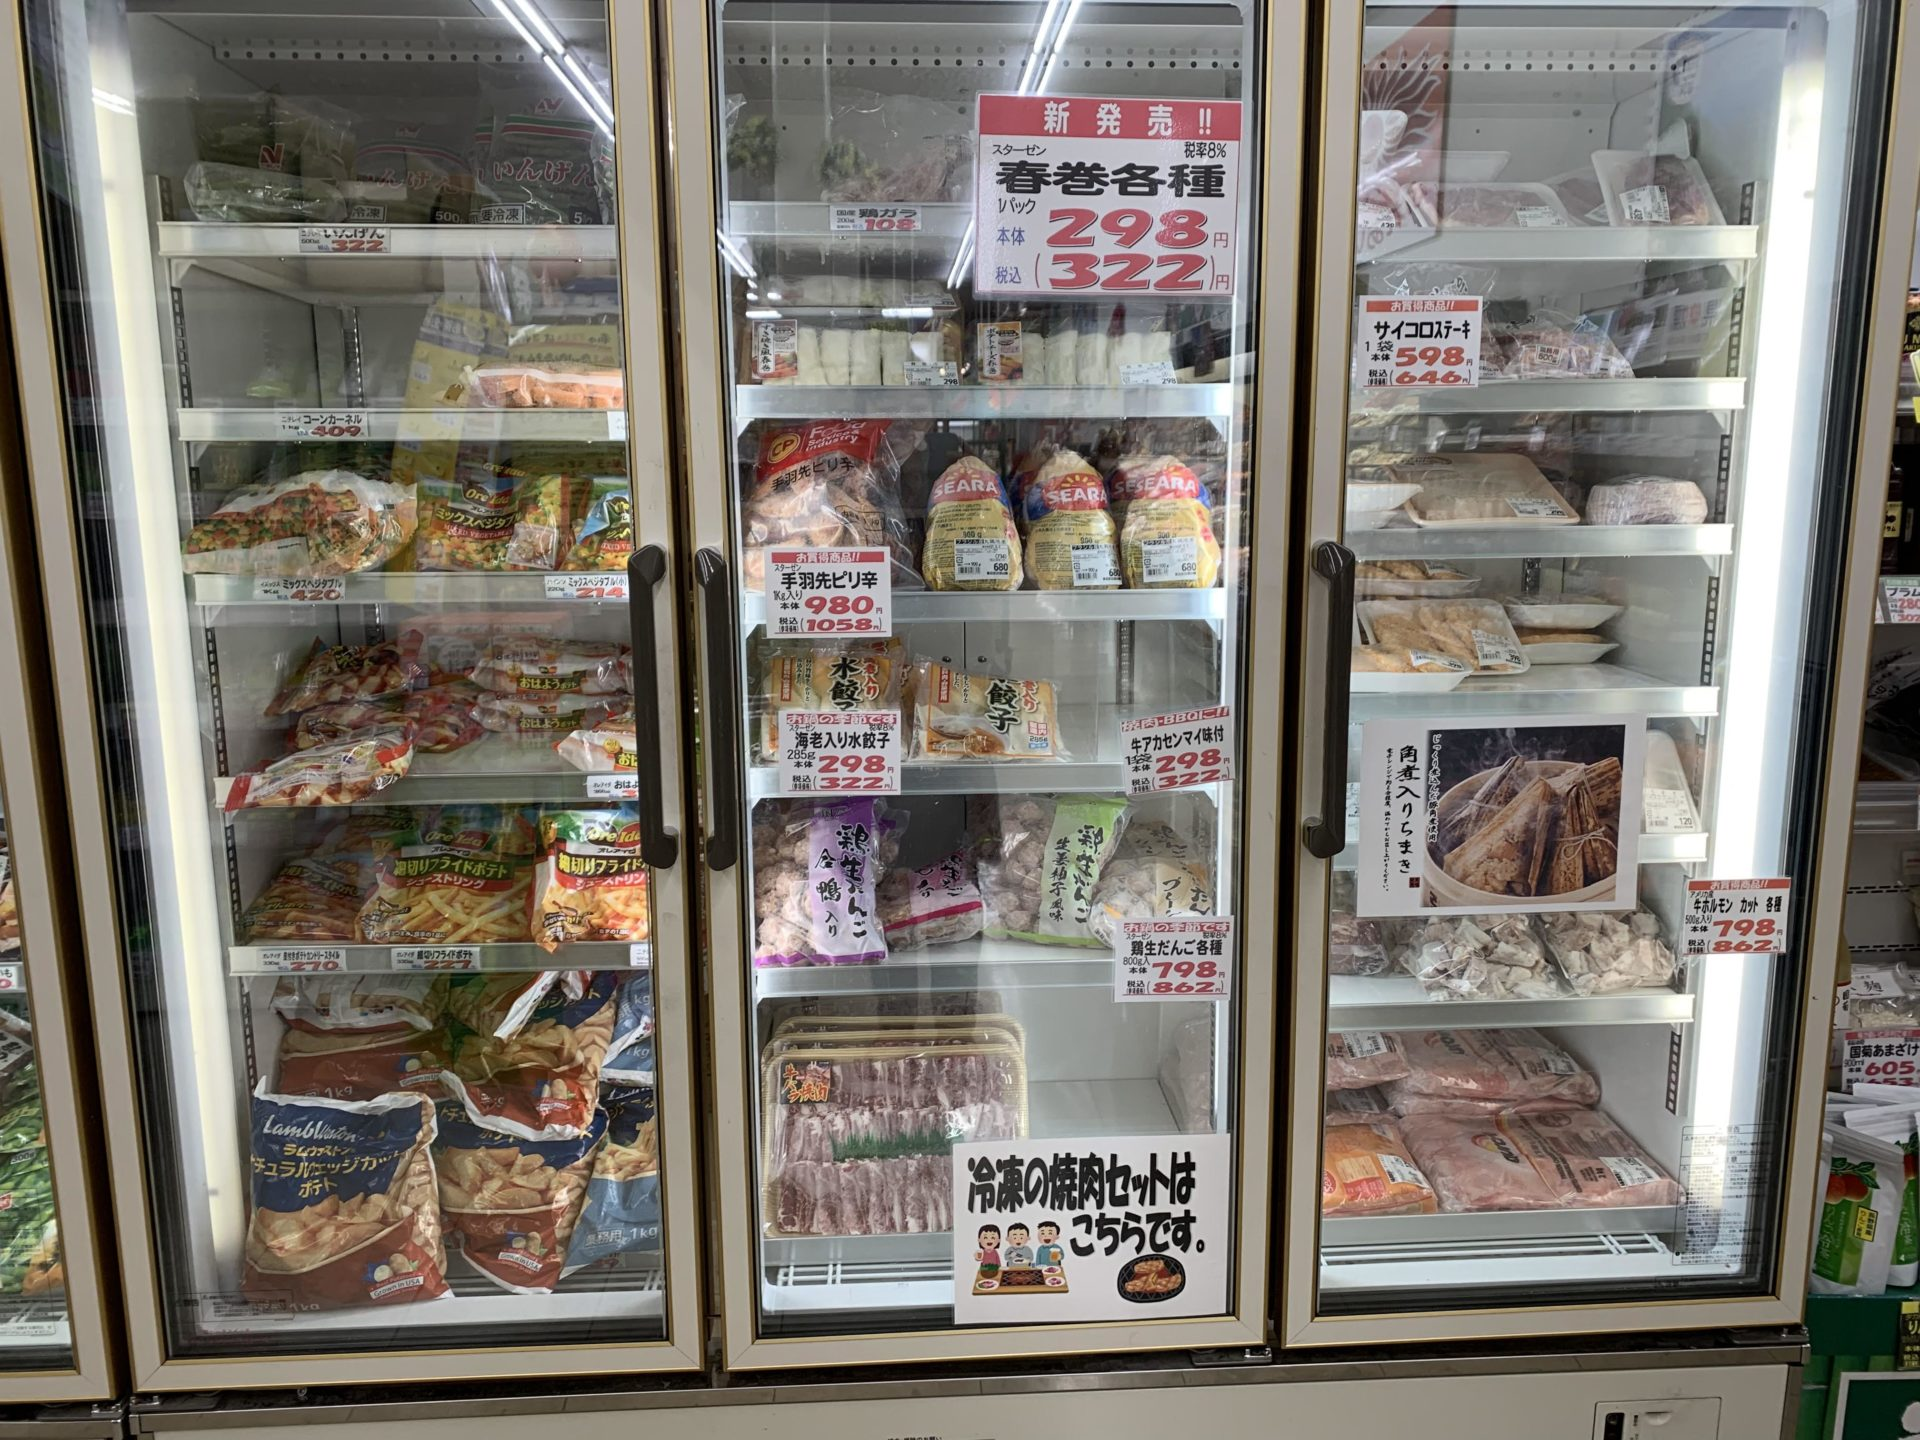 卸売センター「サンエイ」店内の冷凍食品コーナー